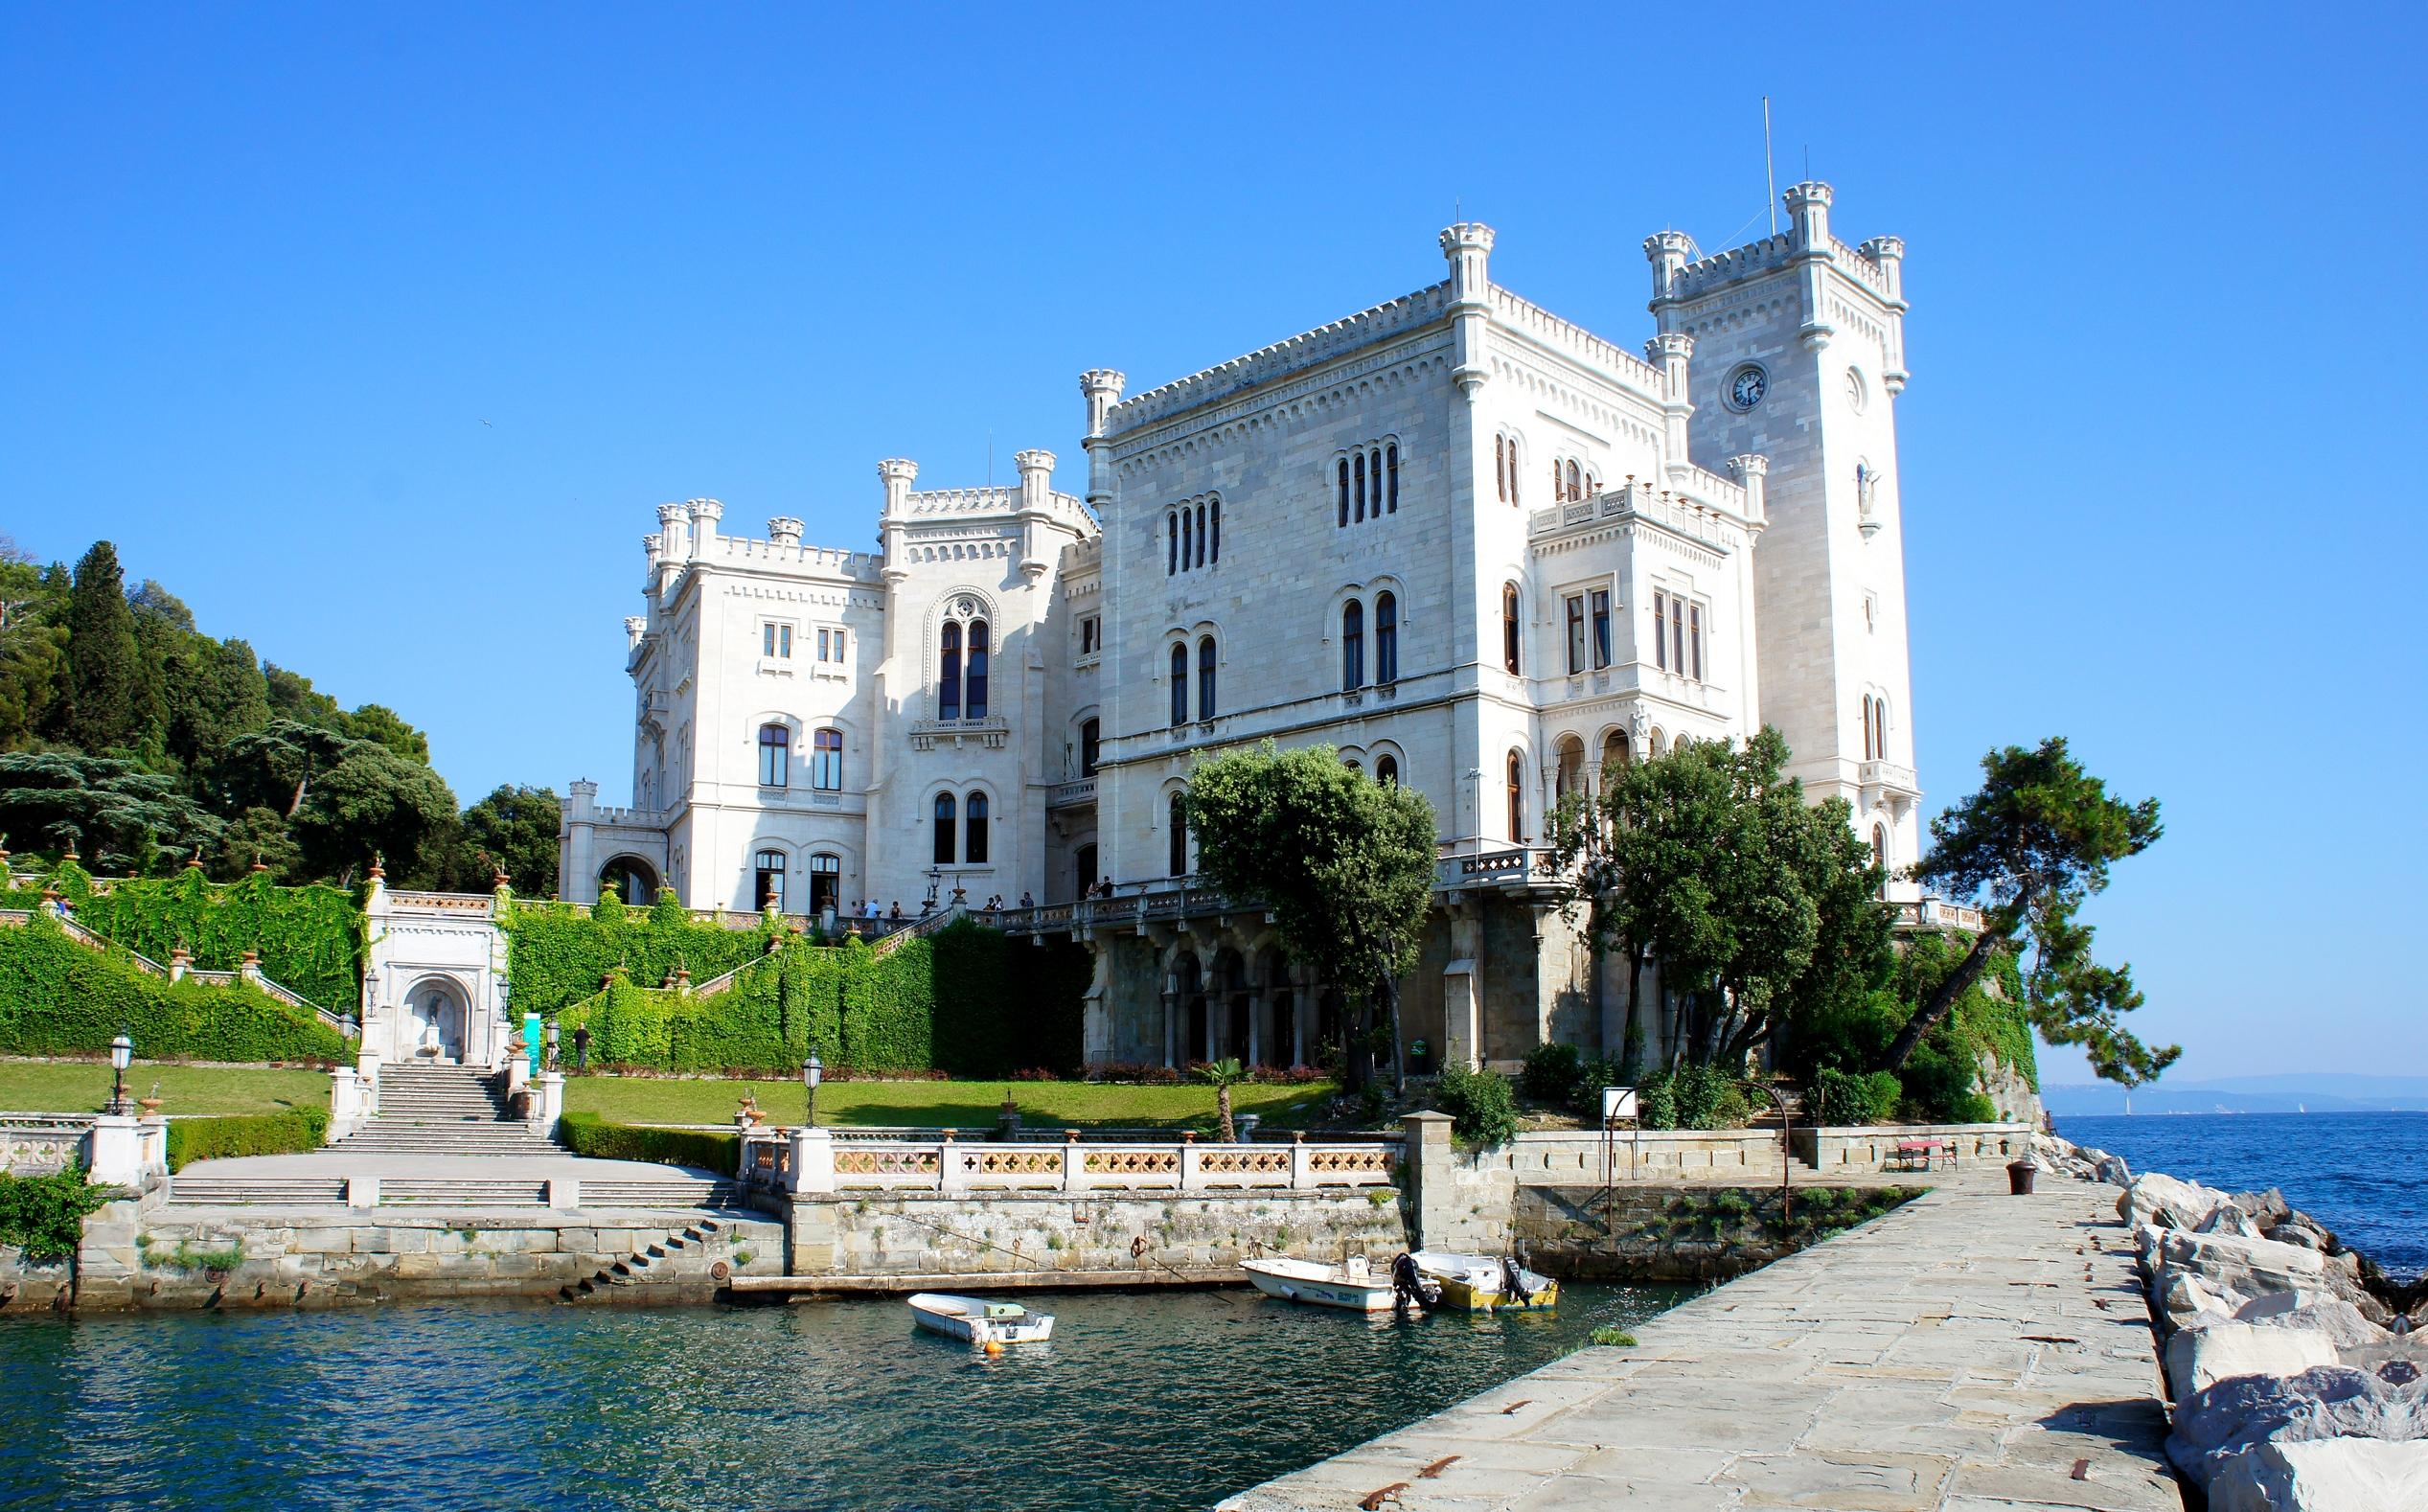 Izlet Zajednice Talijana u Trst (Italija). Posjeta lokalnim institucijama, obilazak uzeg centra, S Giusto i dvorac Miramare